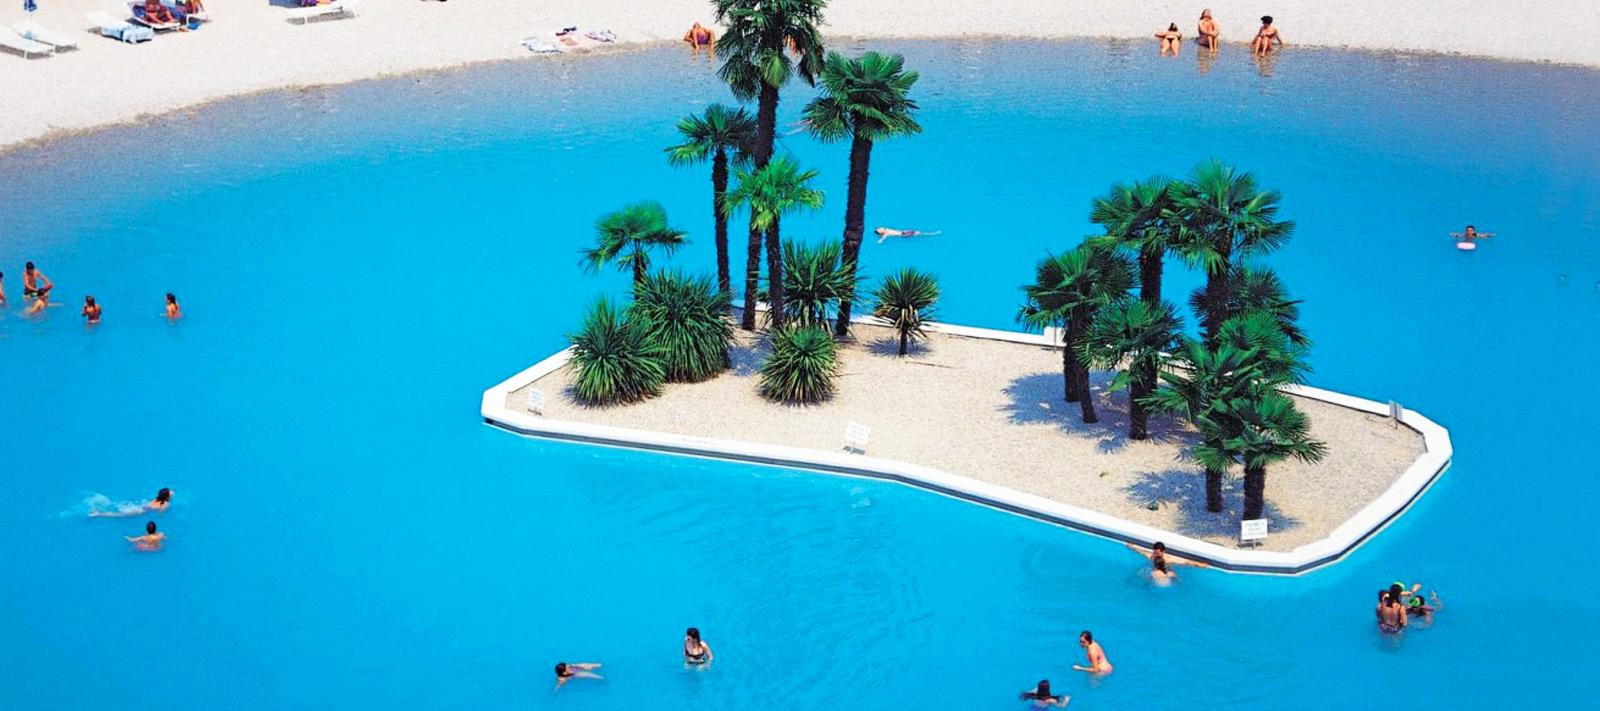 piscine per parchi acquatici acquapark culligan